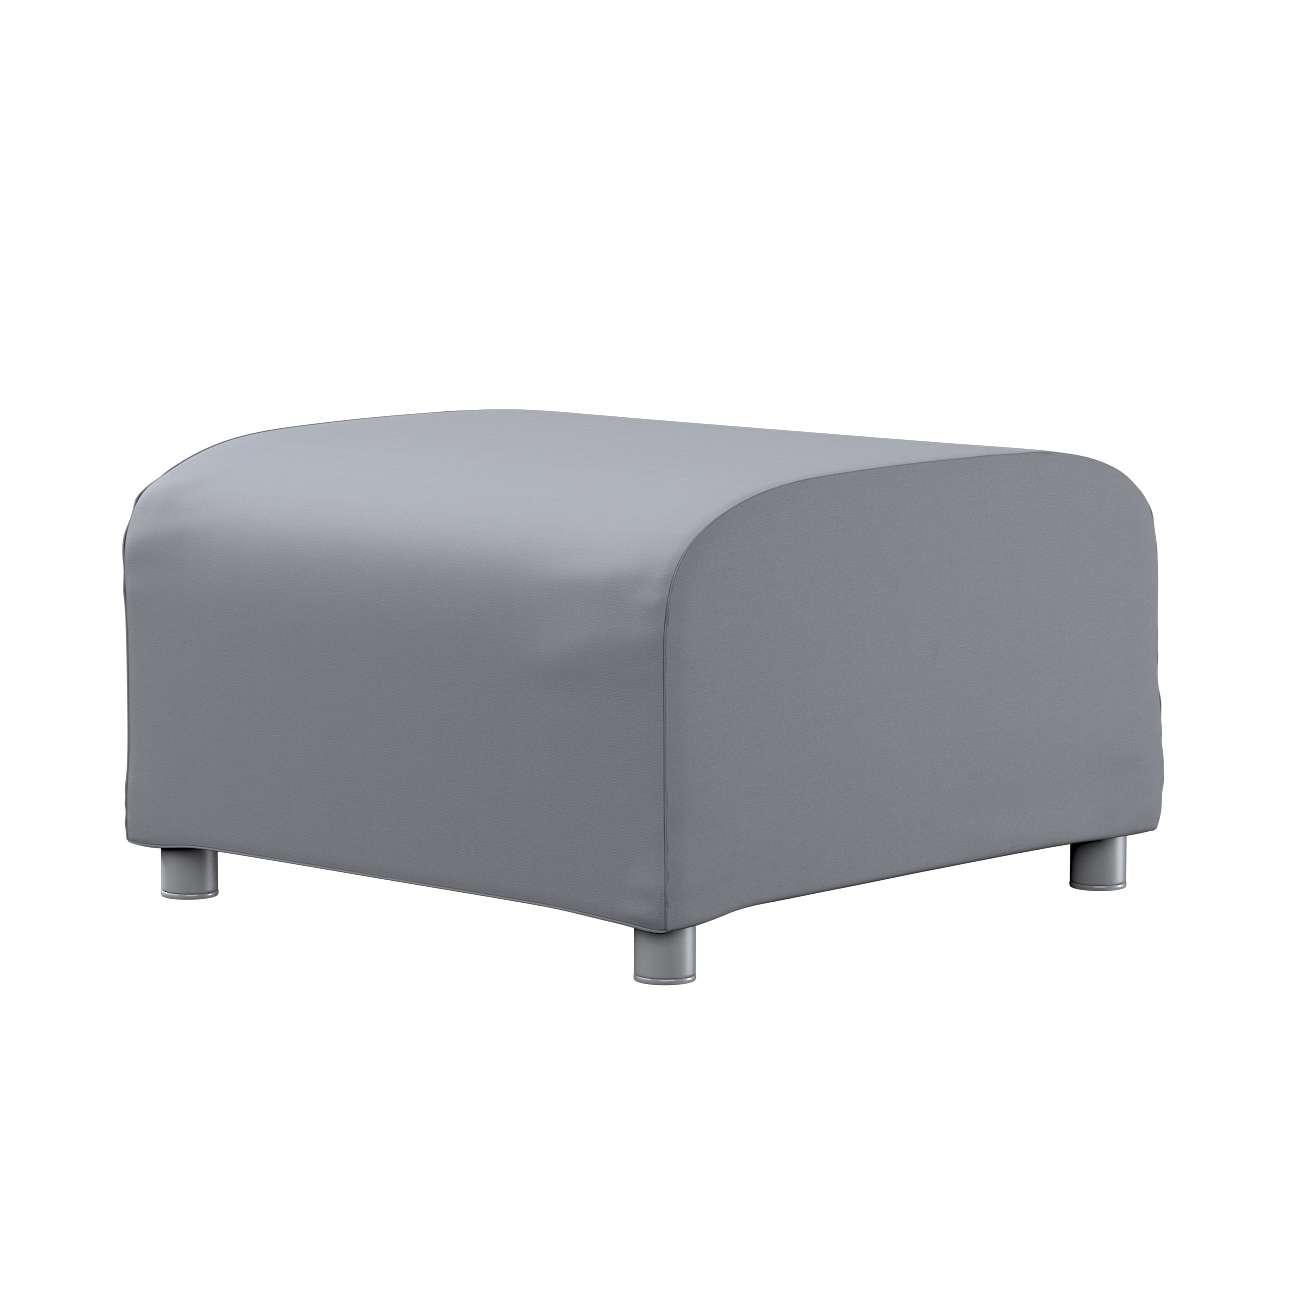 KLIPPAN pufo užvalkalas Klippan footstool cover kolekcijoje Cotton Panama, audinys: 702-07